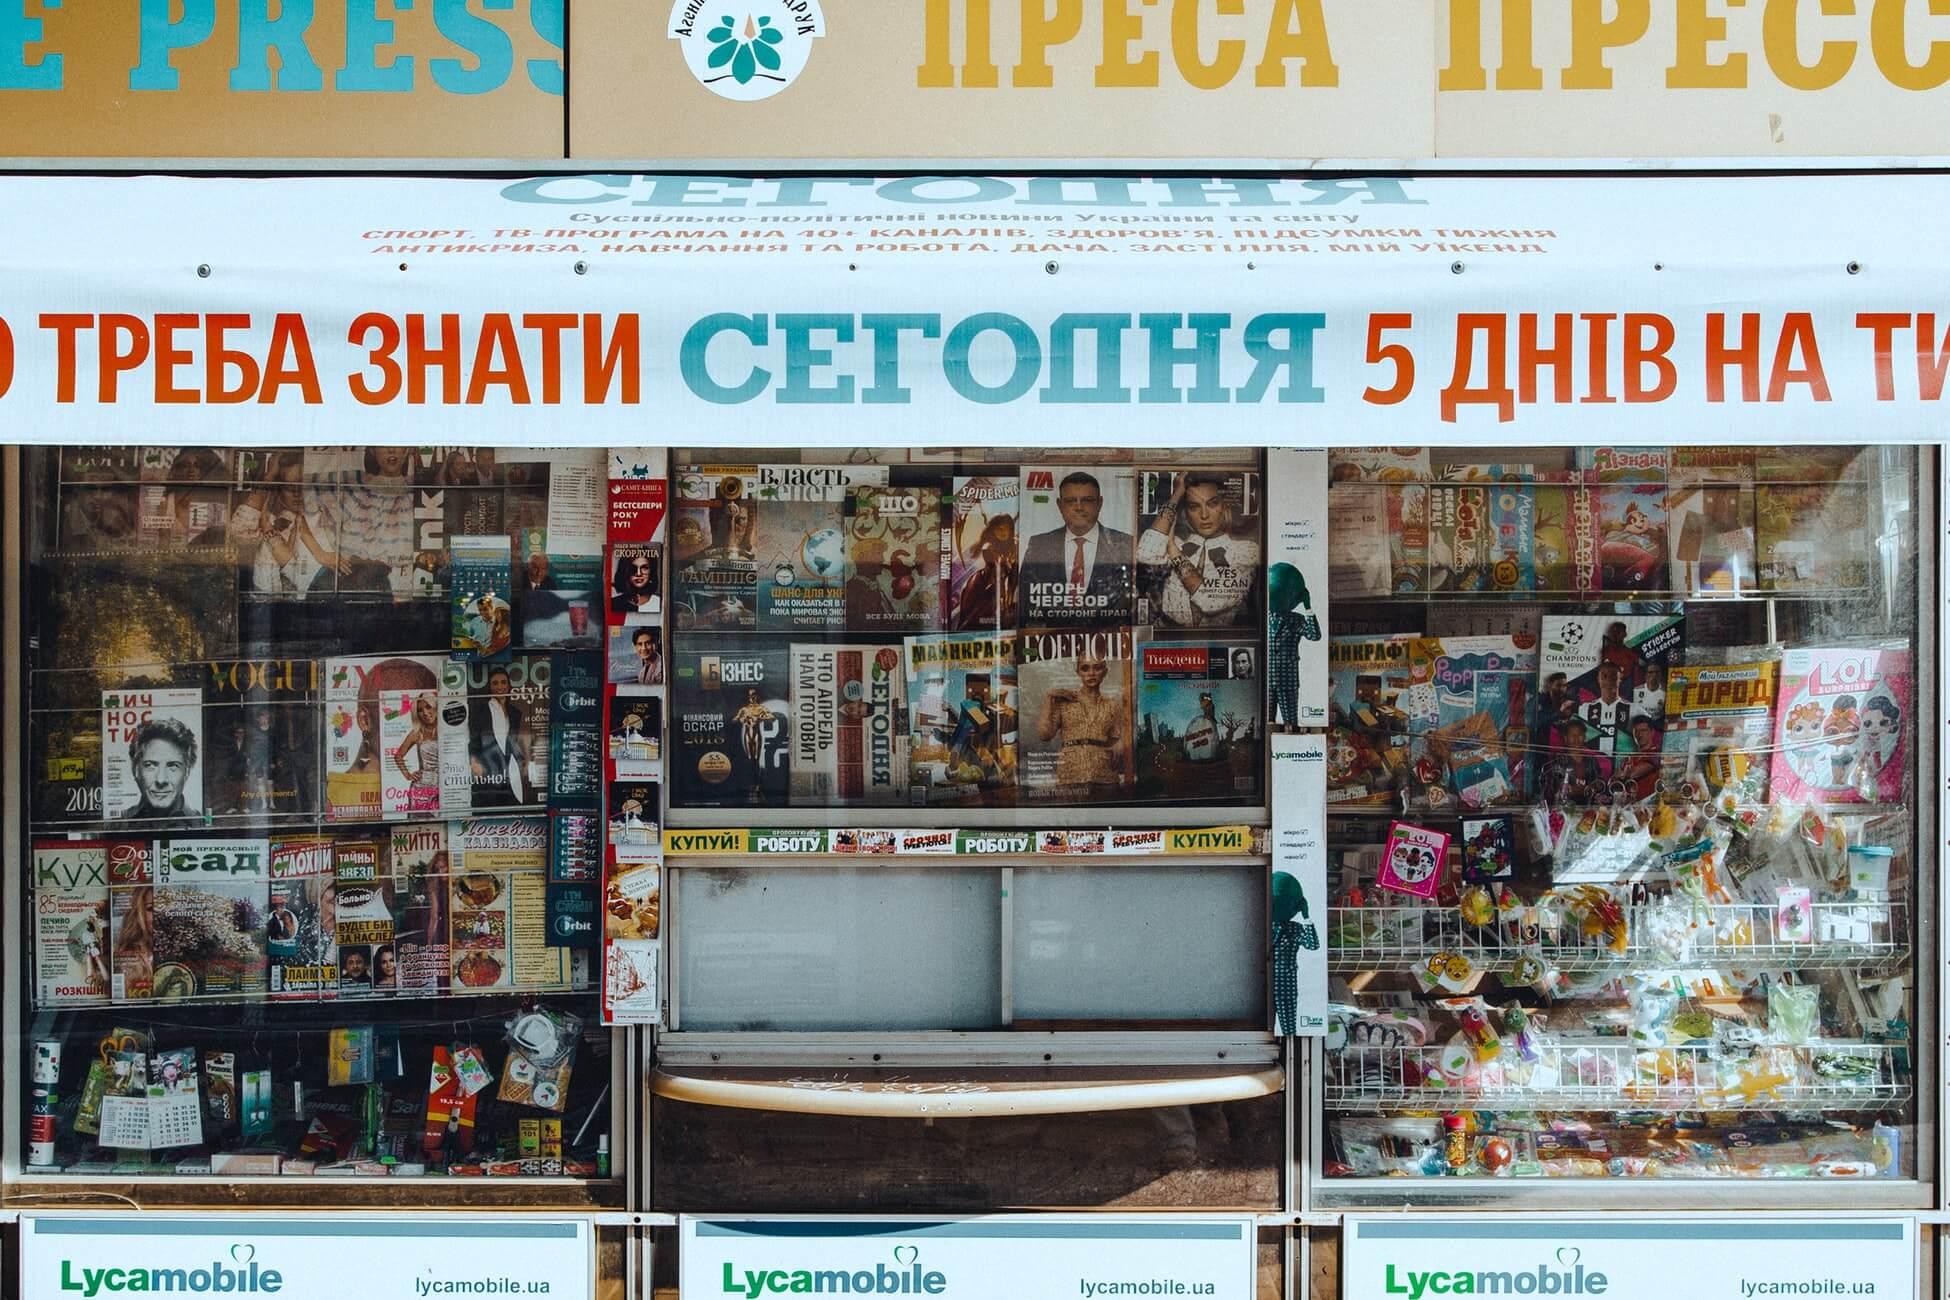 Узнай, сколько стоят штаны: большой путеводитель по Киеву